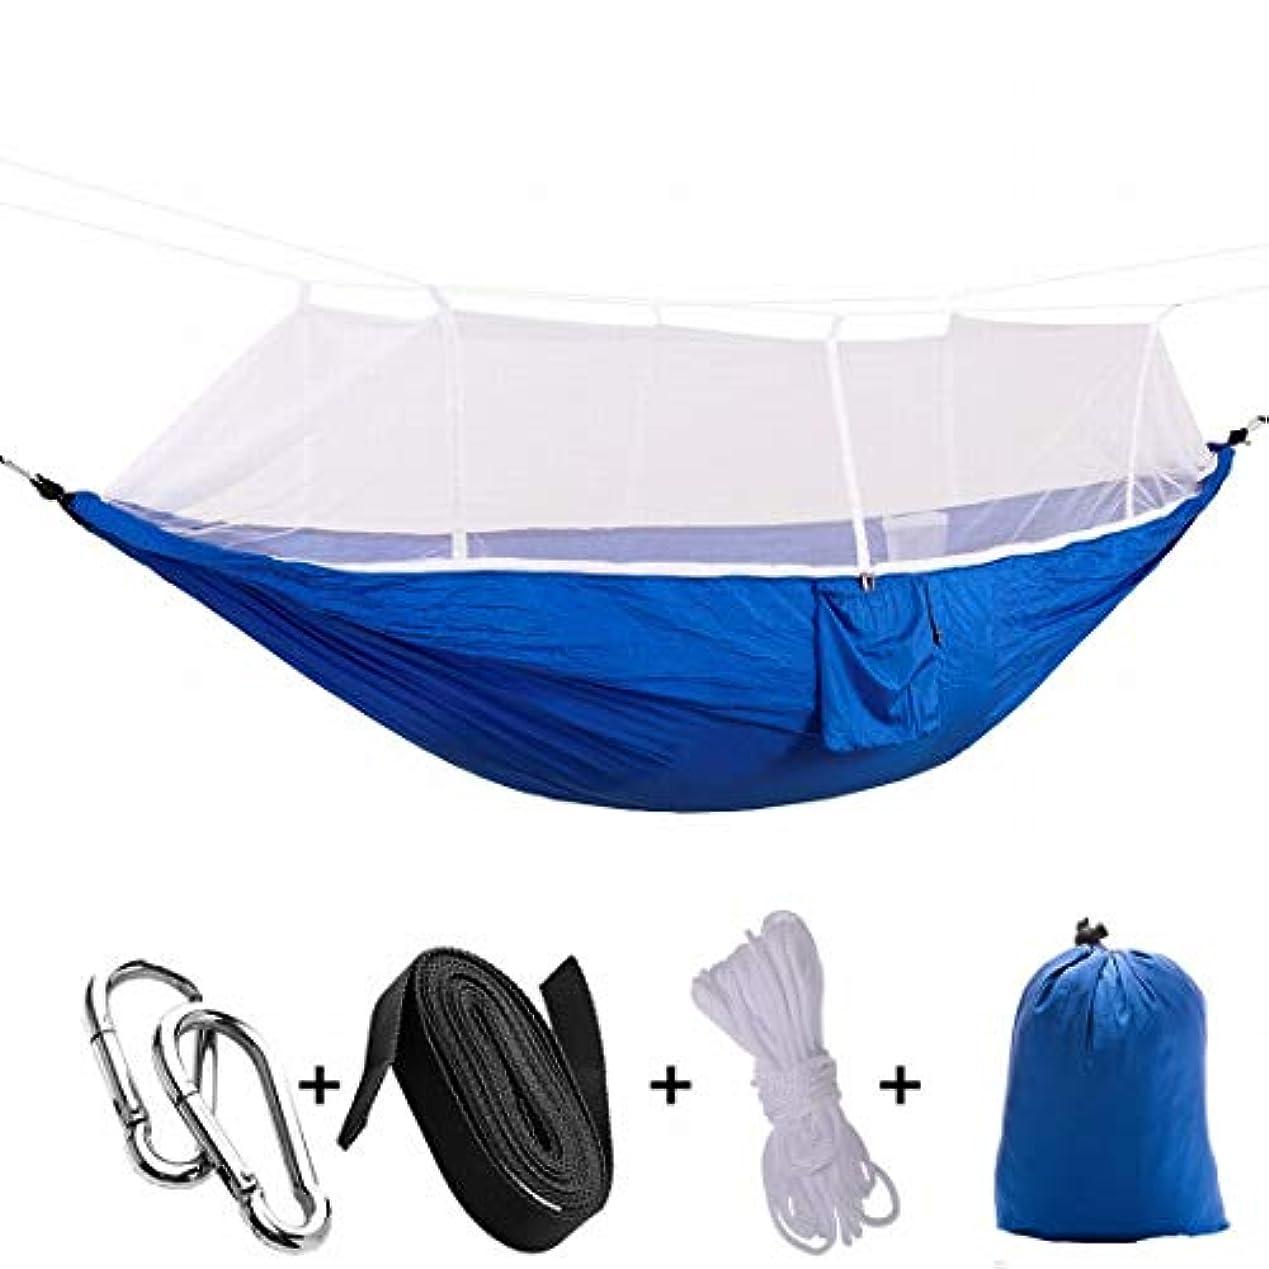 上がる免除するメガロポリスSummerys 蚊帳ハンモックパラシュート布ナイロンしわキャンプスイングチェア空中テントと超軽量と通気性 (Color : 1)